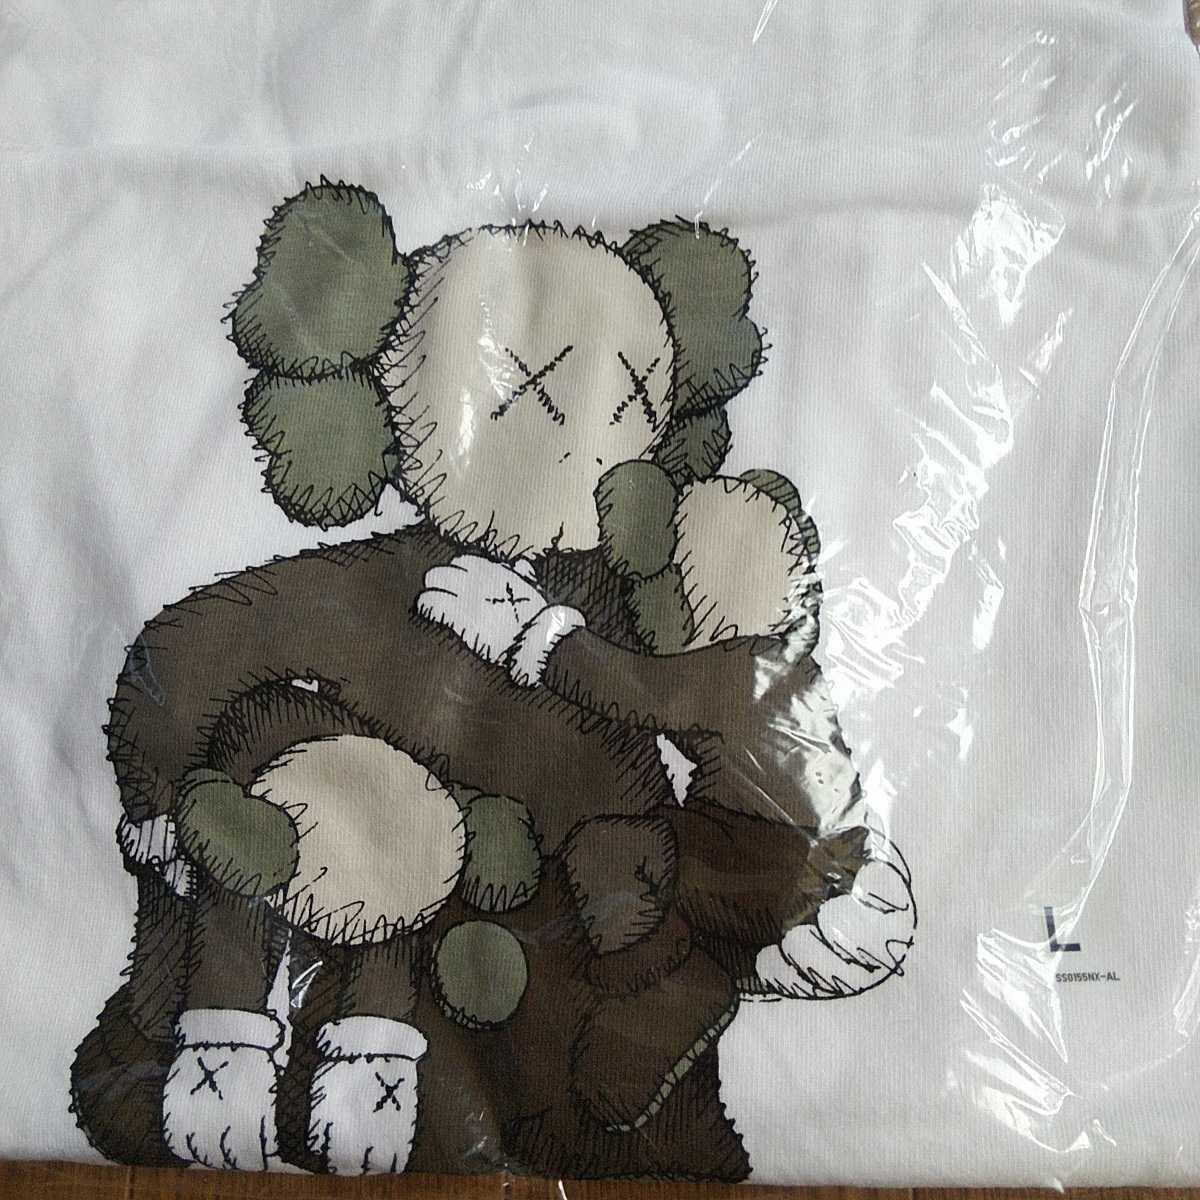 ユニクロ カウズ コラボUT KAWS サイズL 希少 新品 Tシャツ コラボTシャツ 認証制限なし クーポン利用_画像2